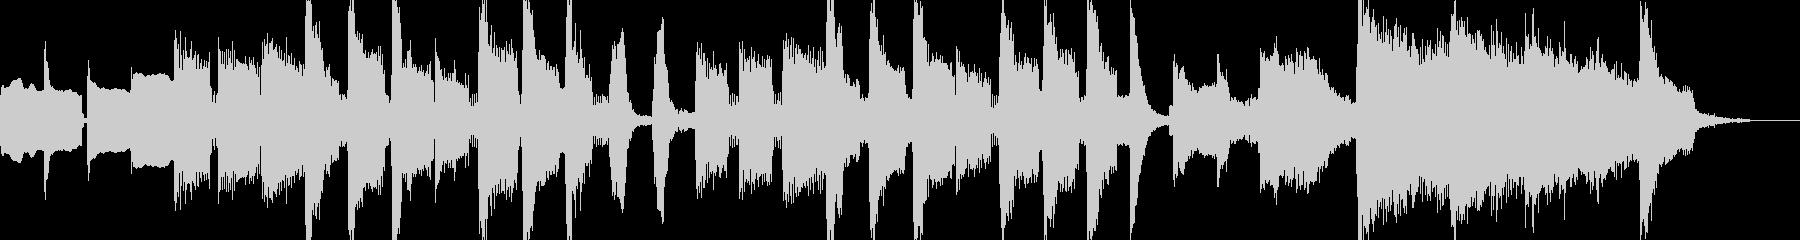 コミカルな15秒CM楽曲。の未再生の波形